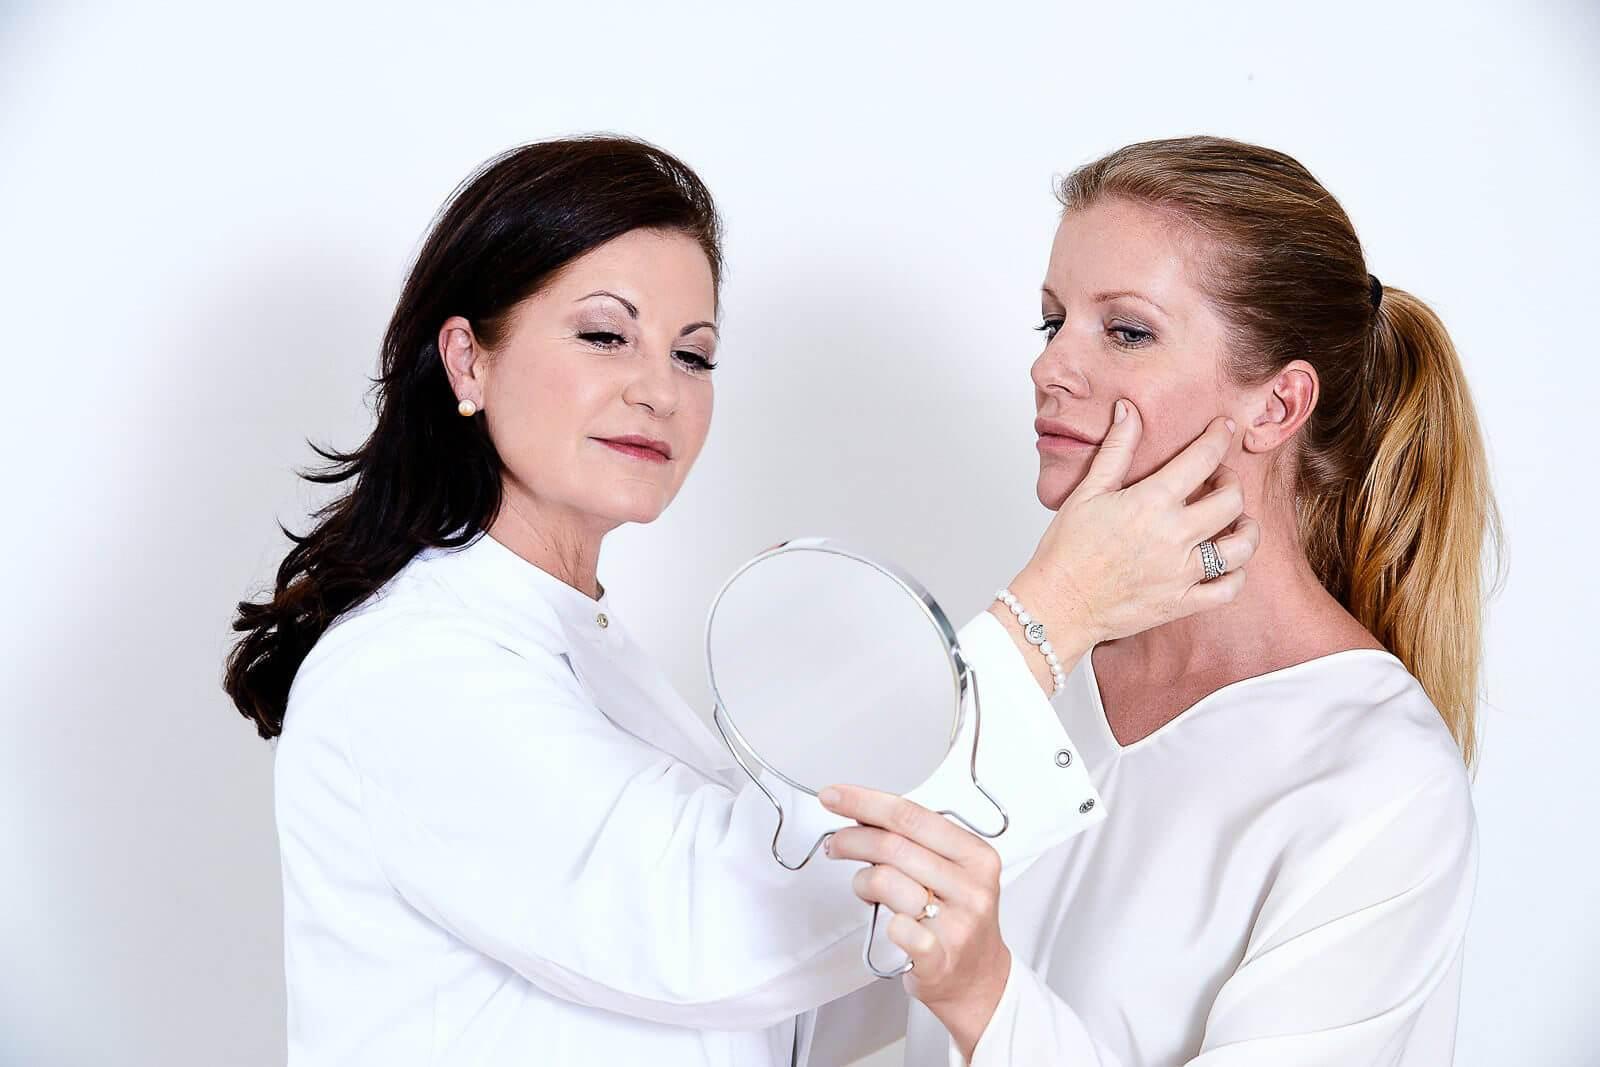 Frau schaut in Handspiegel und Ärztin gibt Schönheitsberatung